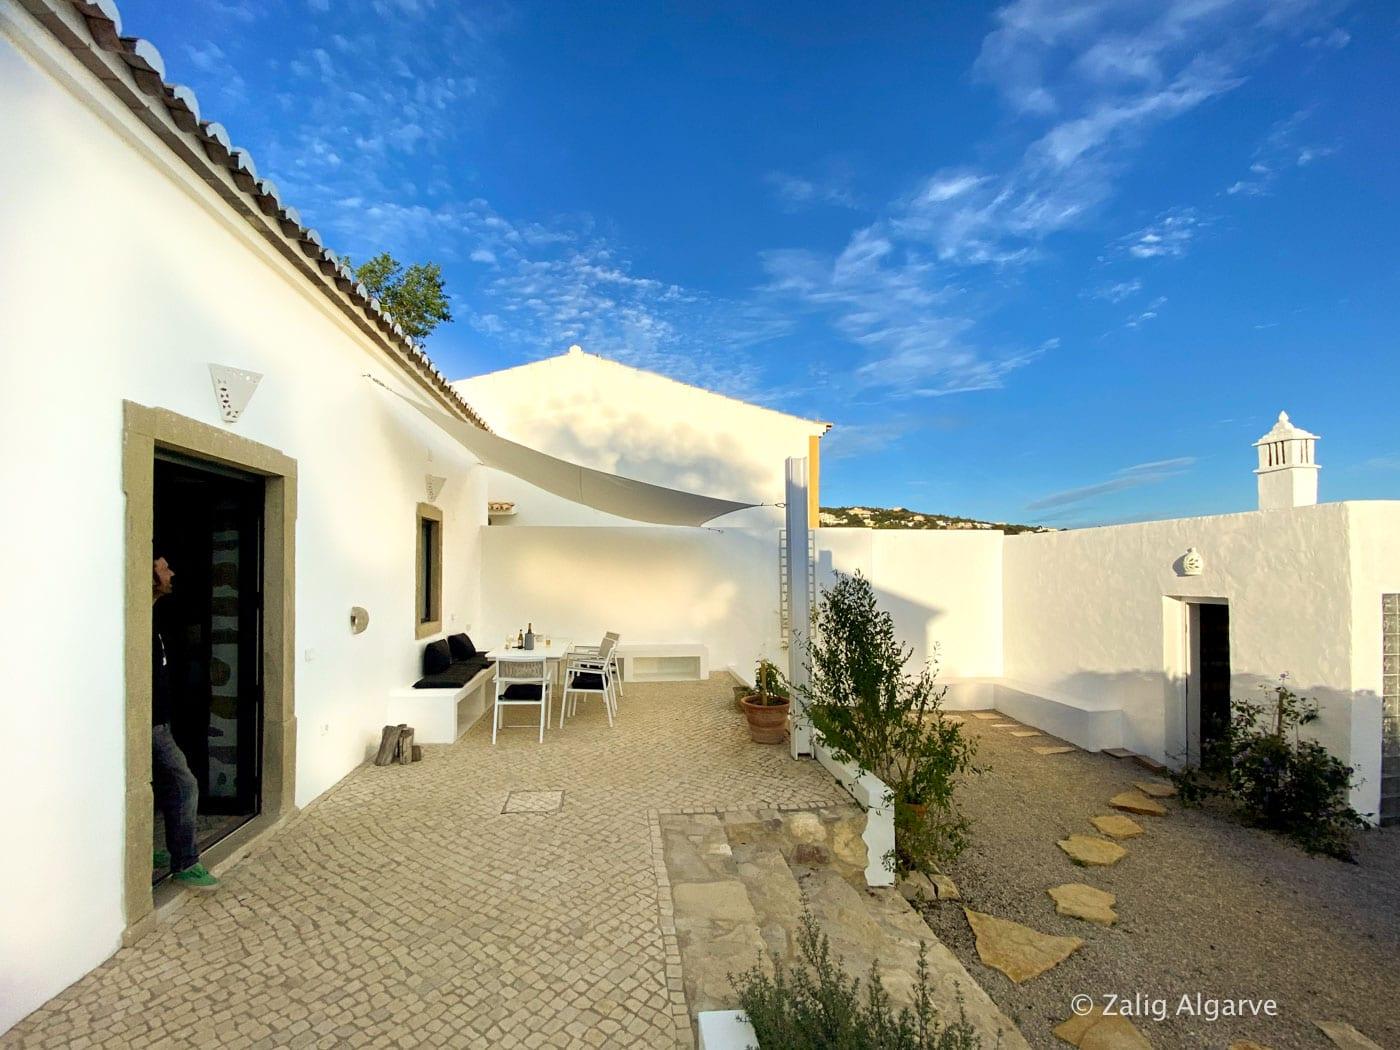 casa-linear-zalig-Algarve-12_1